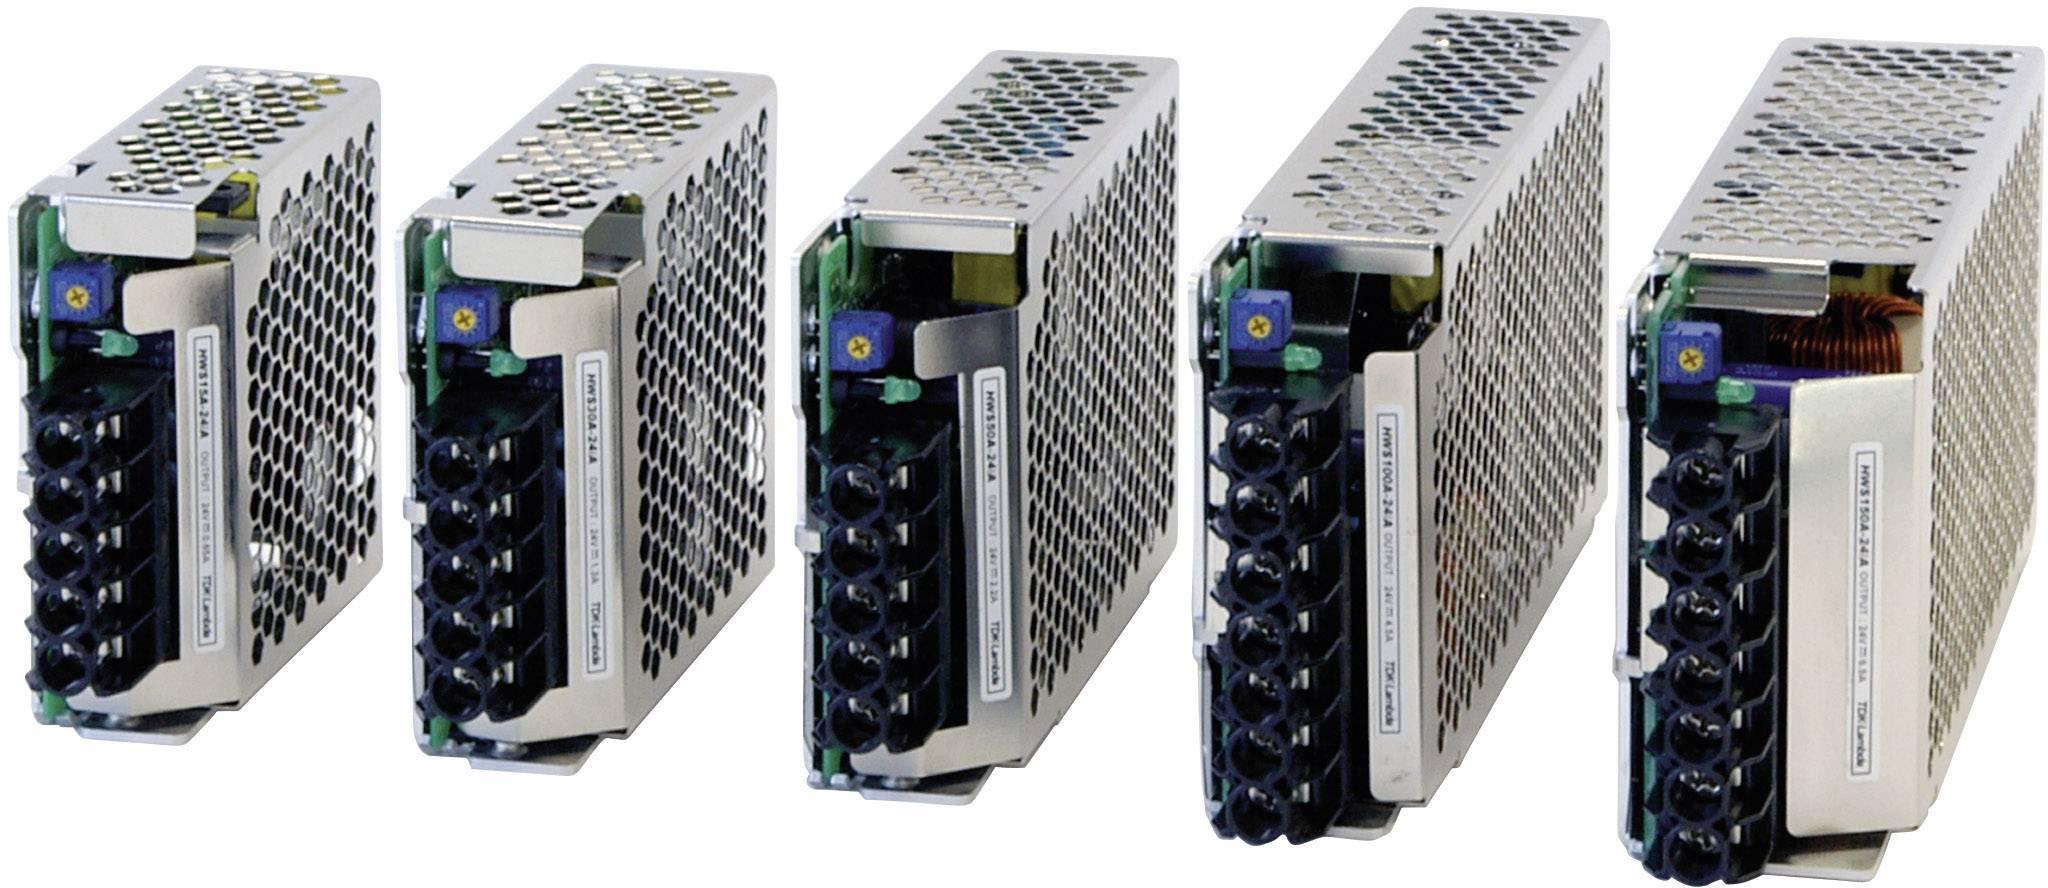 Vestavný napájecí zdroj TDK-Lambda HWS-100A-15/A, 15 V, 105 W